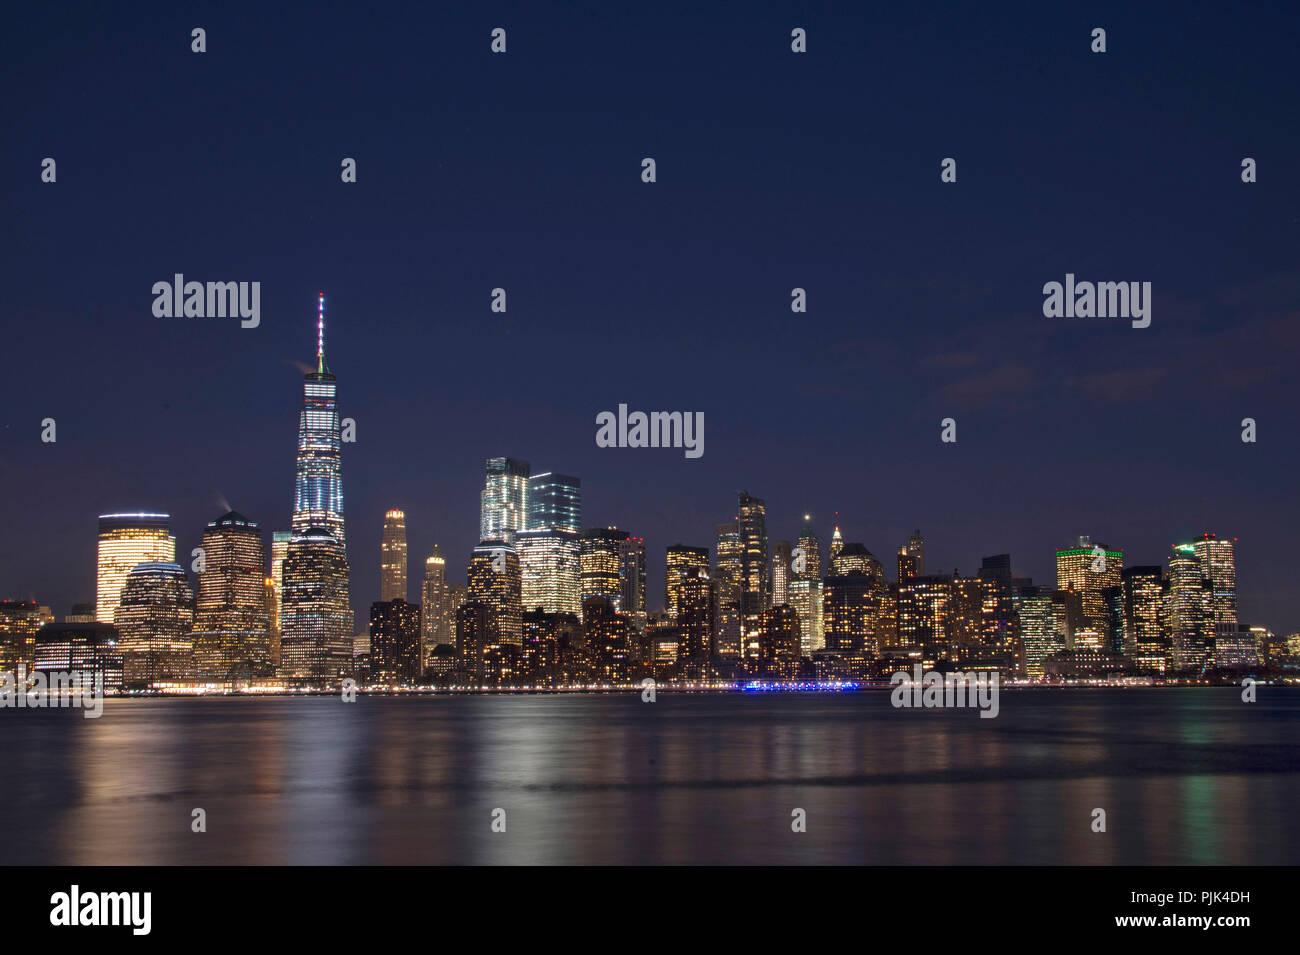 Vue de nuit sur Manhattan skyline, New York City, USA, Big Apple avec One World Trade Center, Photo Stock